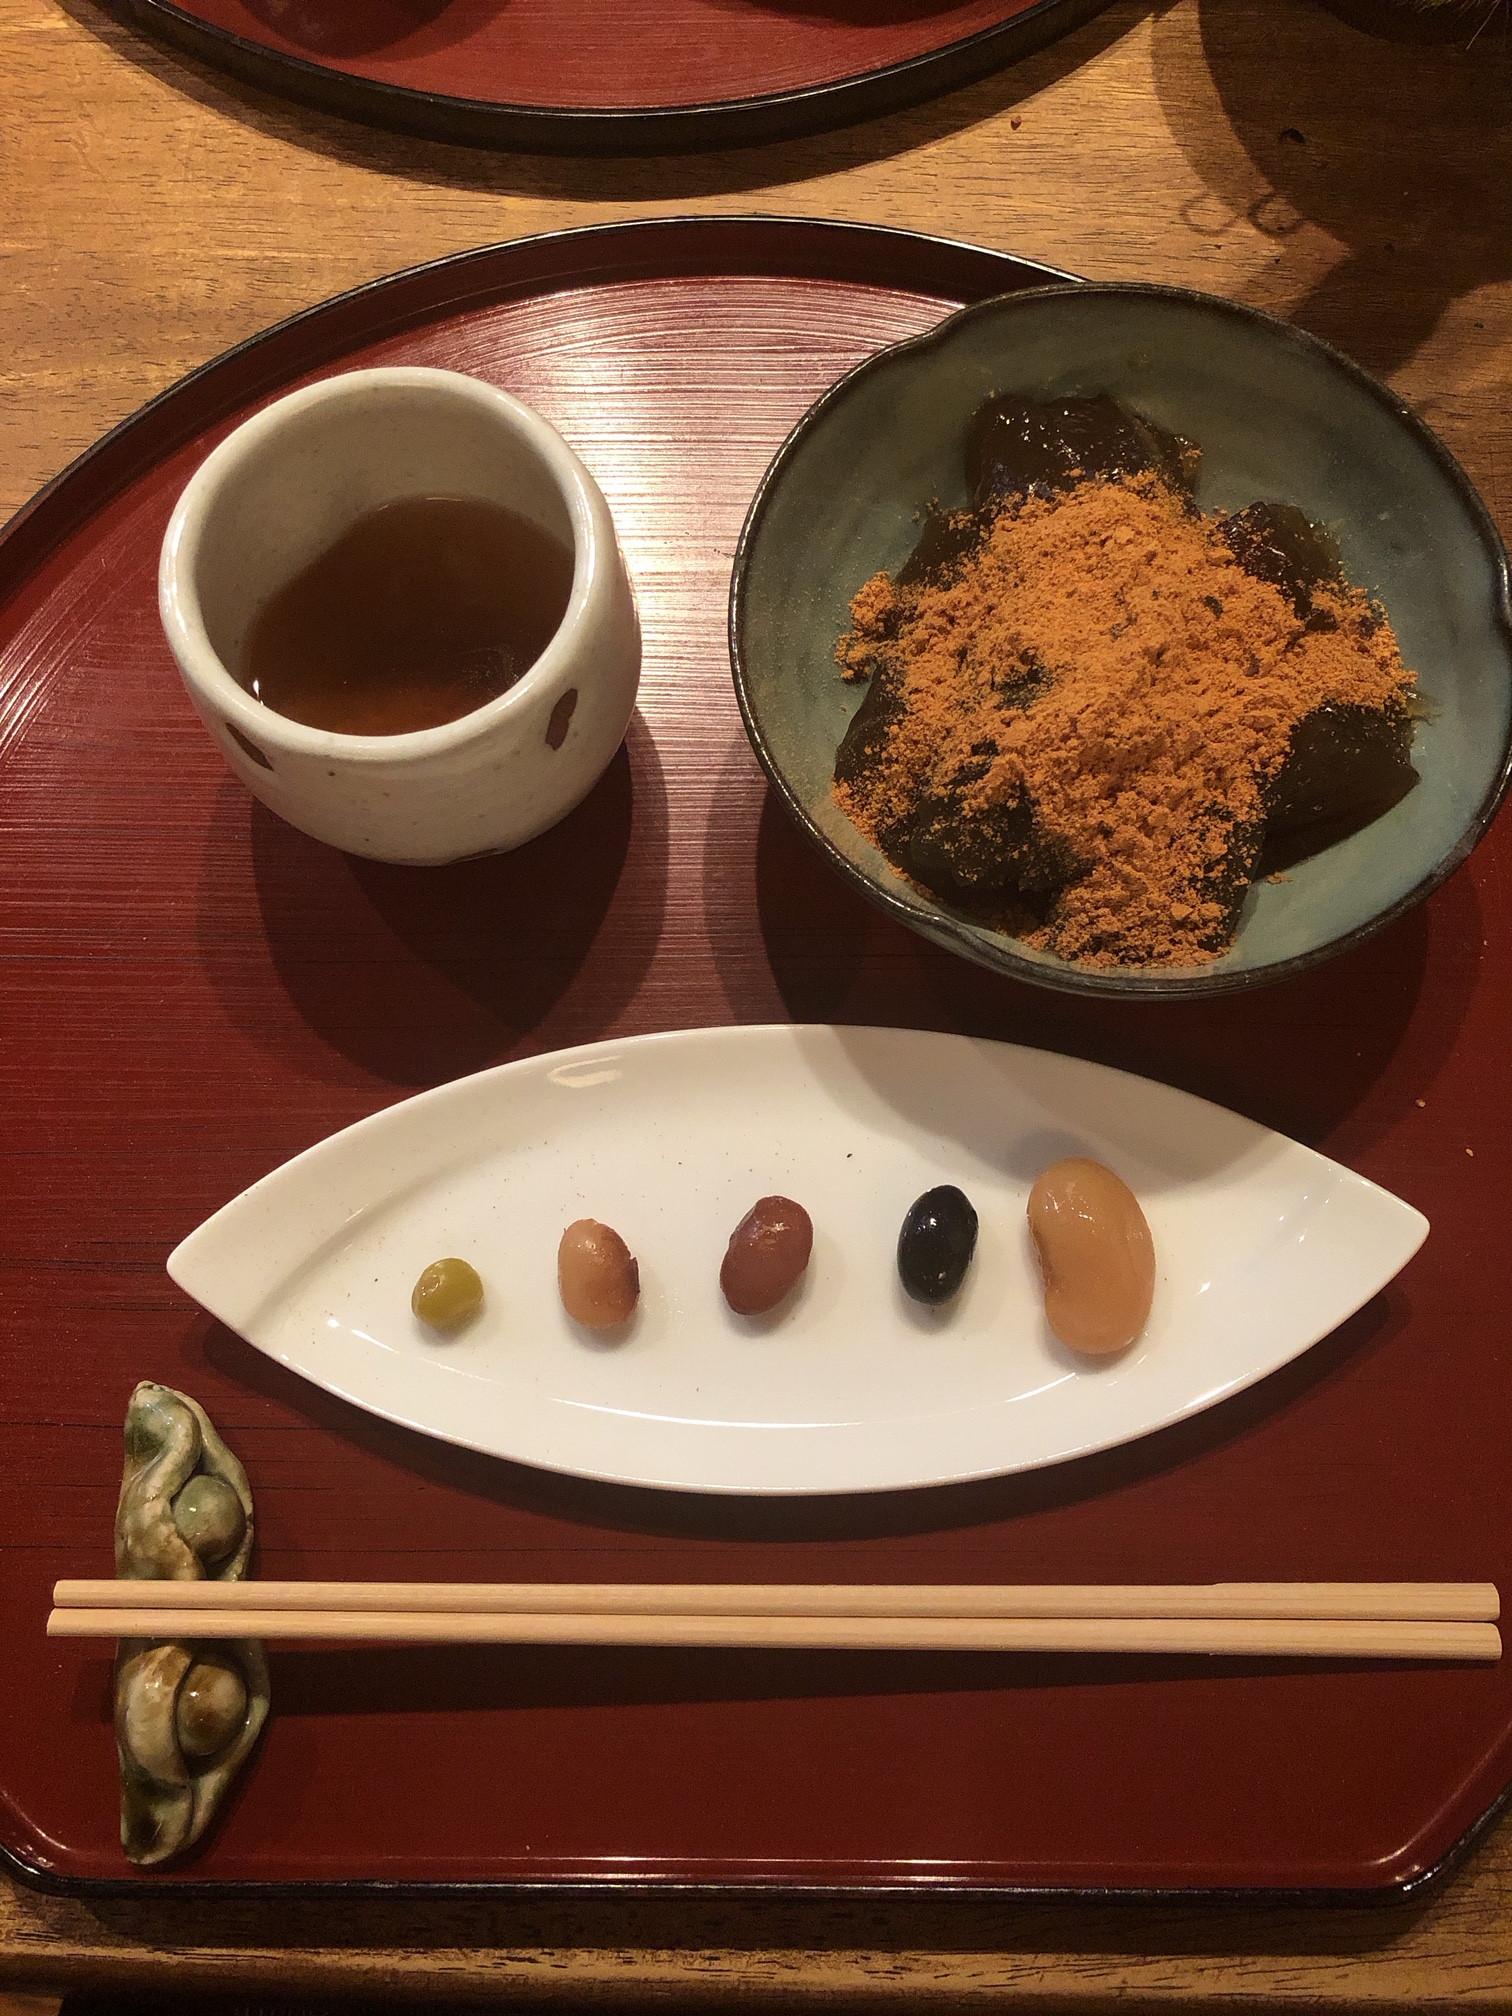 Explore Nishiki Market & Japanese sweet